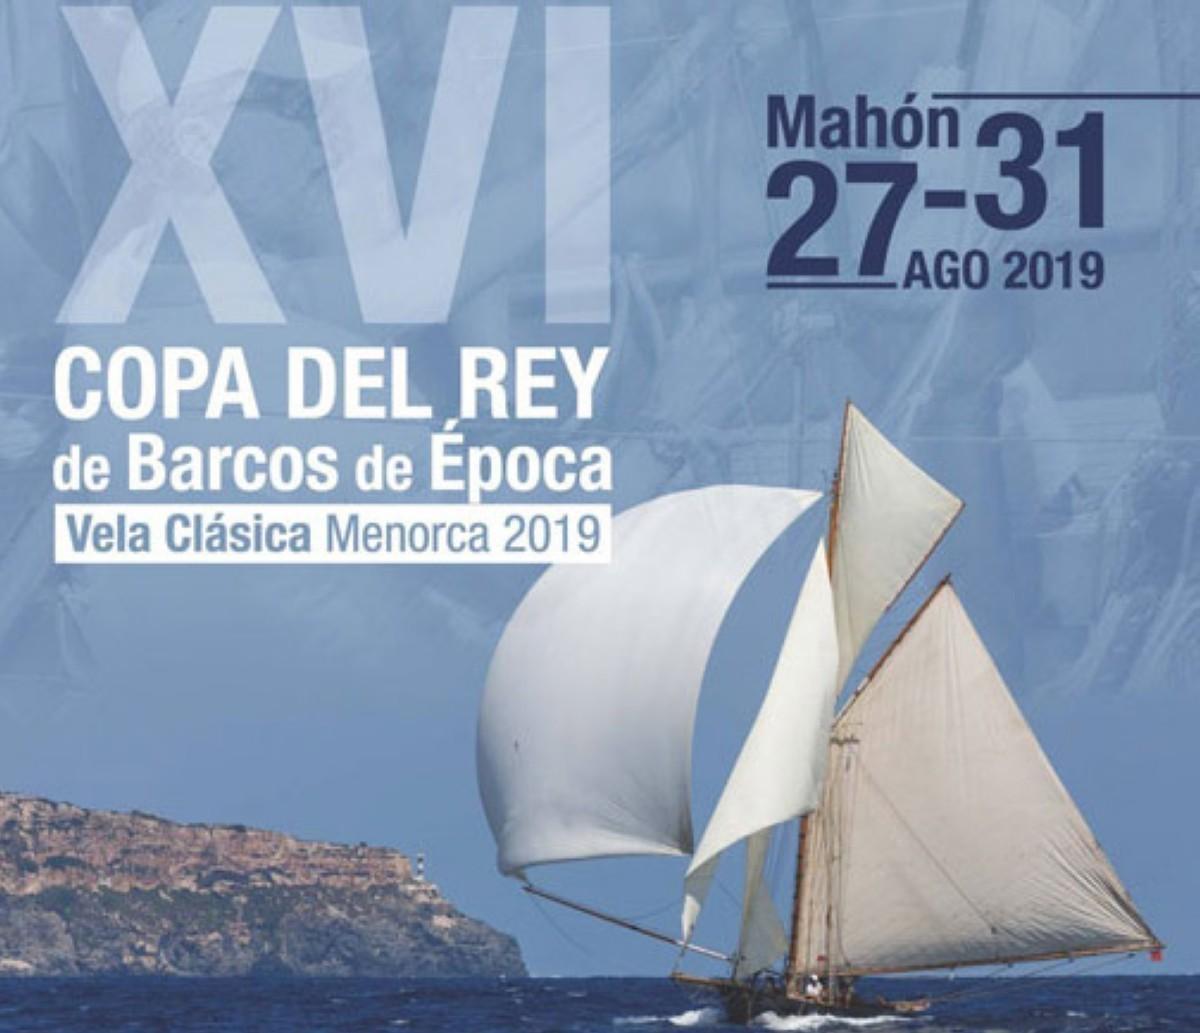 La XVI Copa del Rey-Vela Clásica Menorca 2019